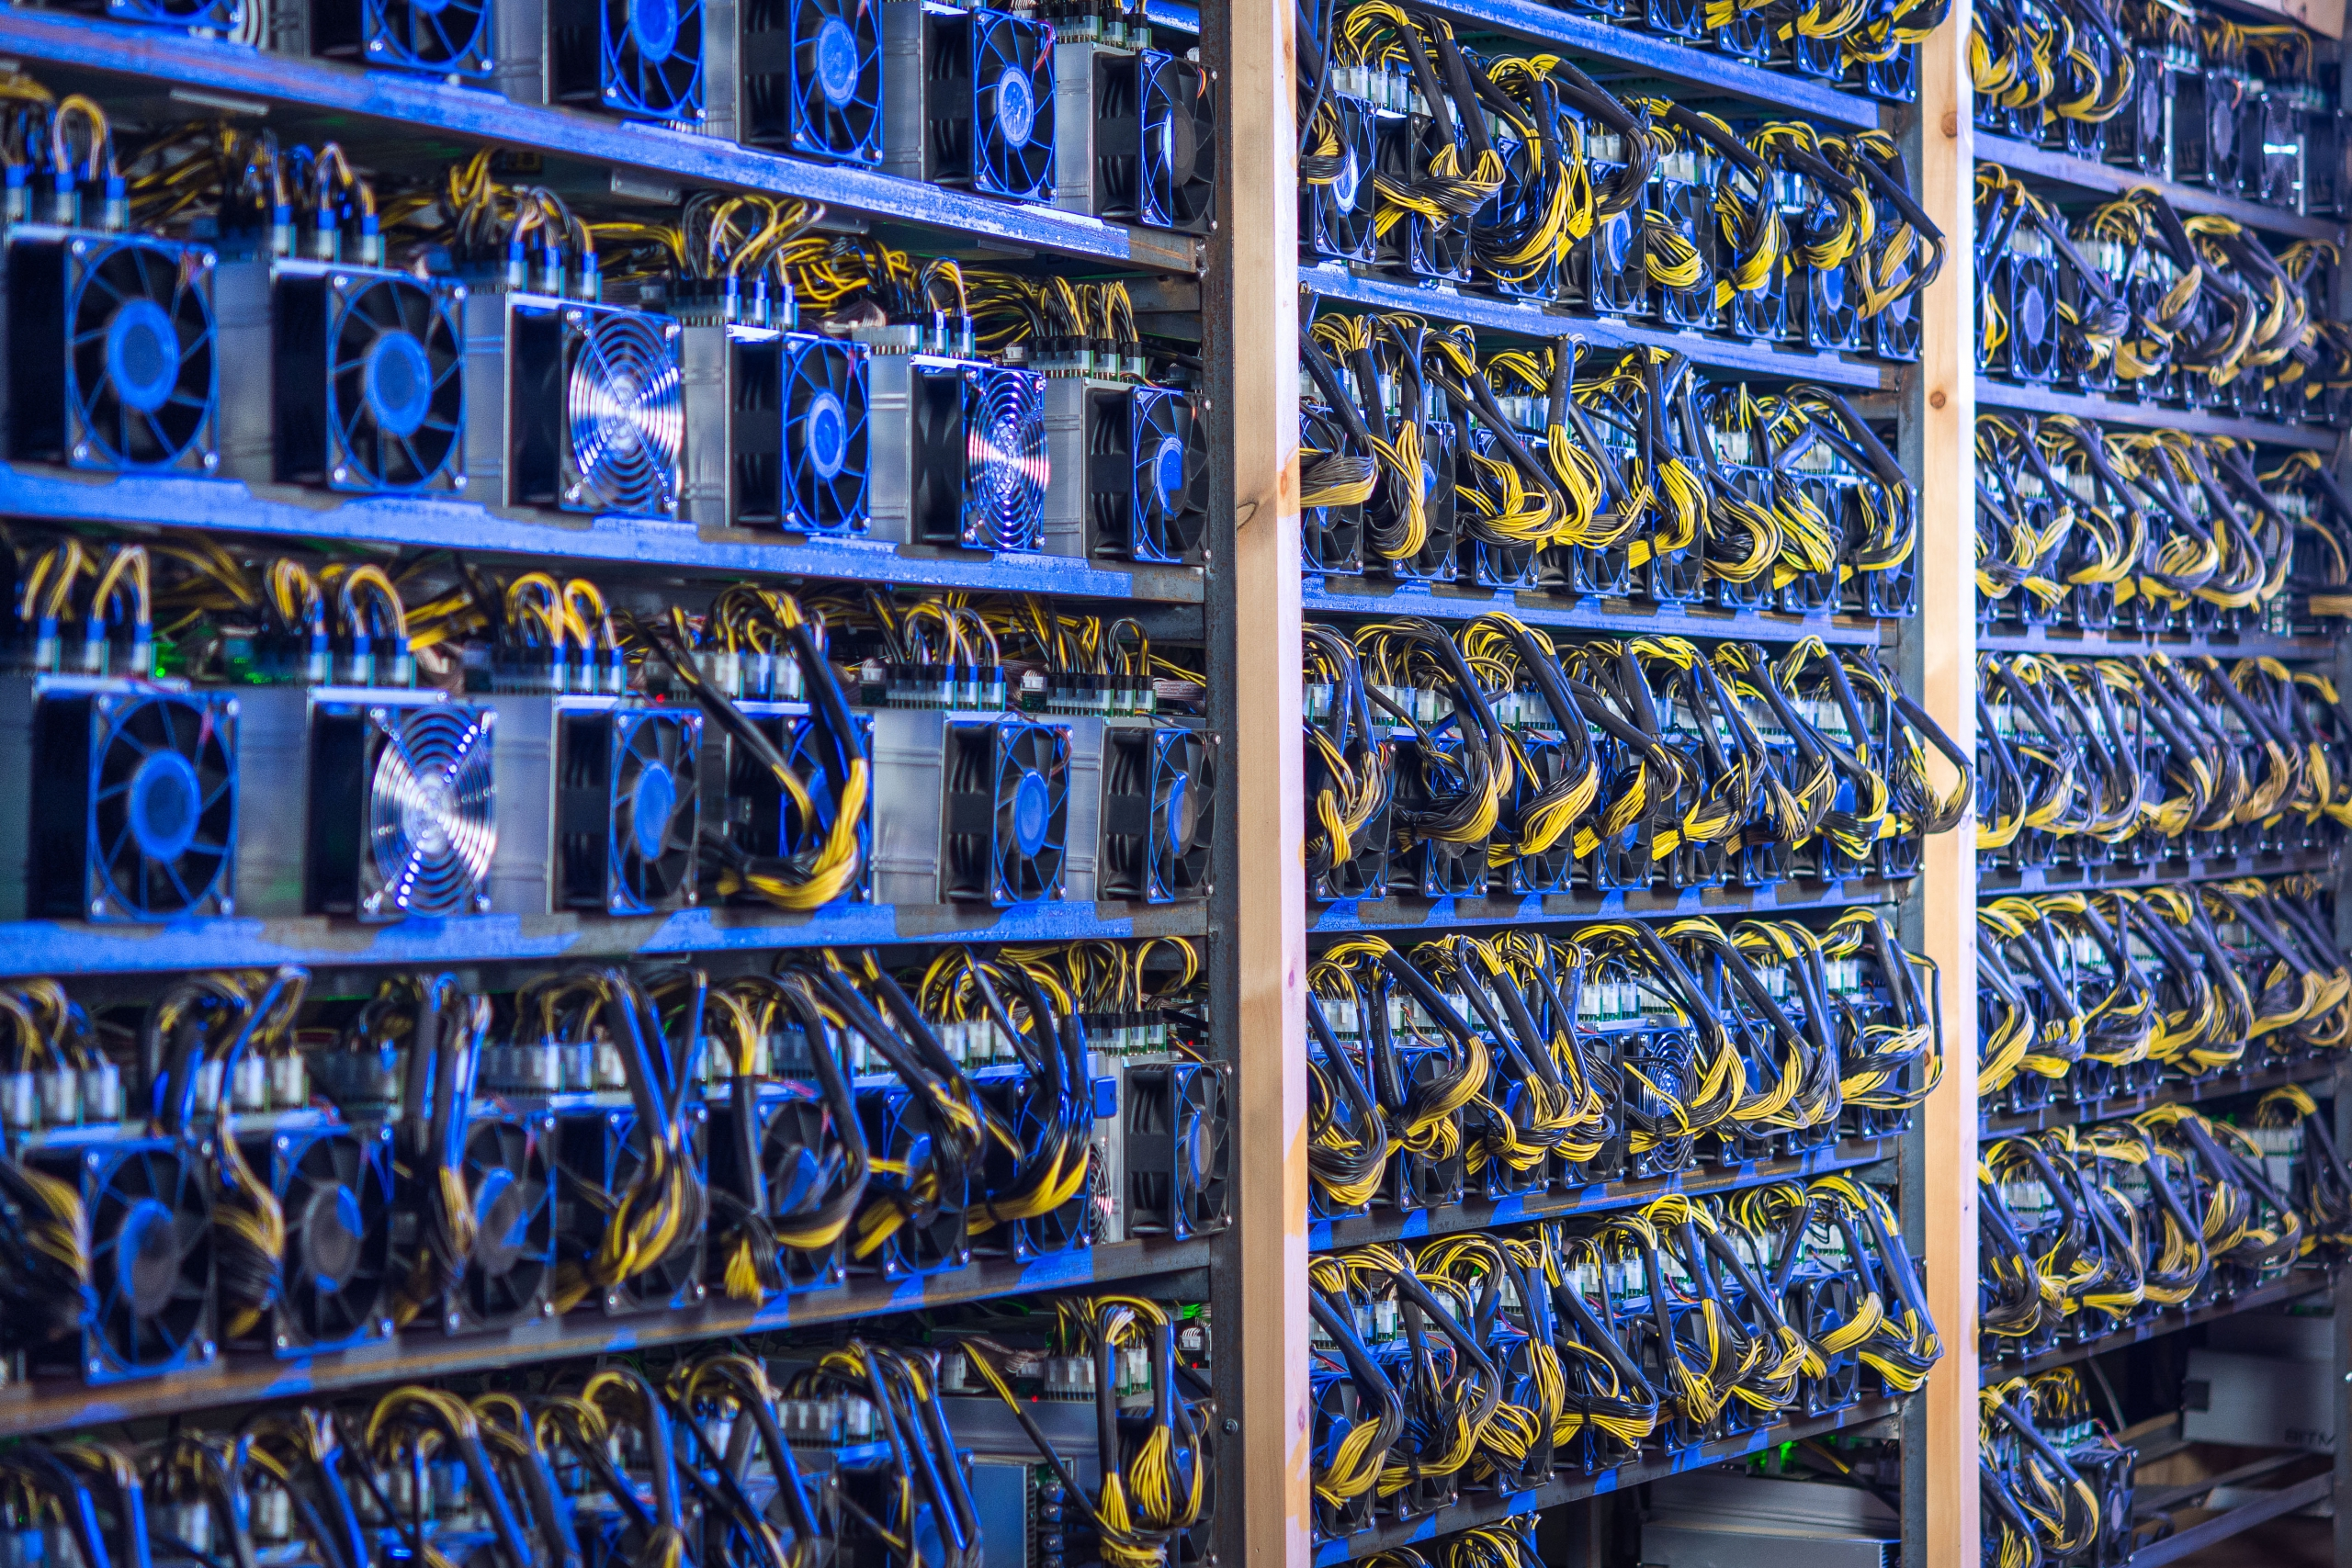 cinin xinjiang bolgesinin madenci faaliyetlerini durdurmasinin ardindan bitcoin madencilik zorlugu yuzde 5 dustu 2